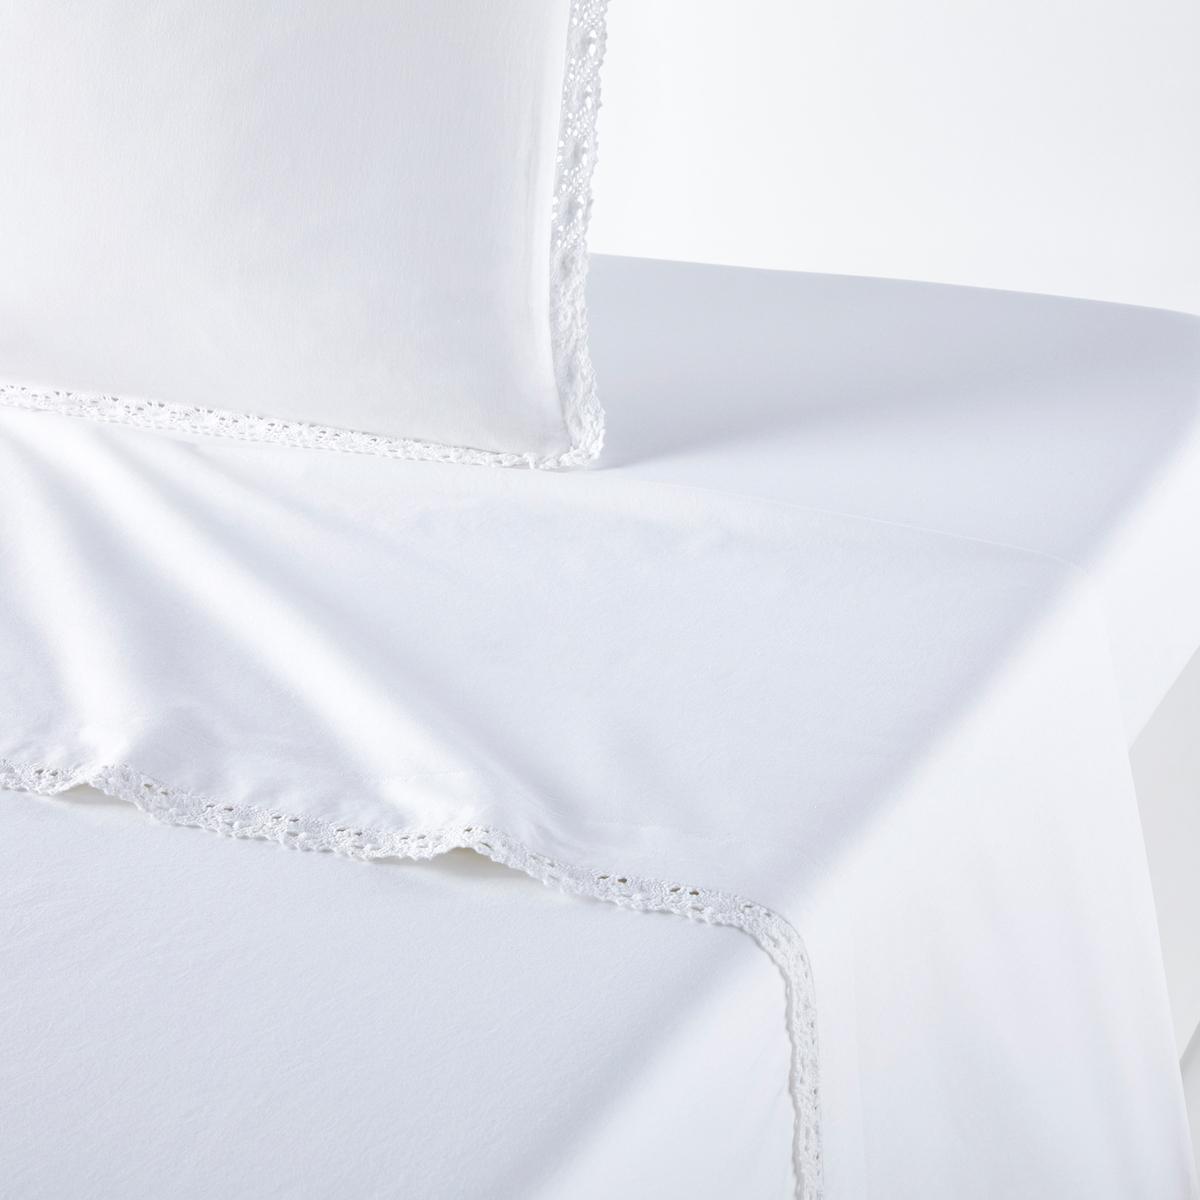 Фото - Простыня LaRedoute 100 стираный хлопок Alhambra 240 x 290 см белый простыня la redoute натяжная стираный хлопок semeru 180 x 290 см черный